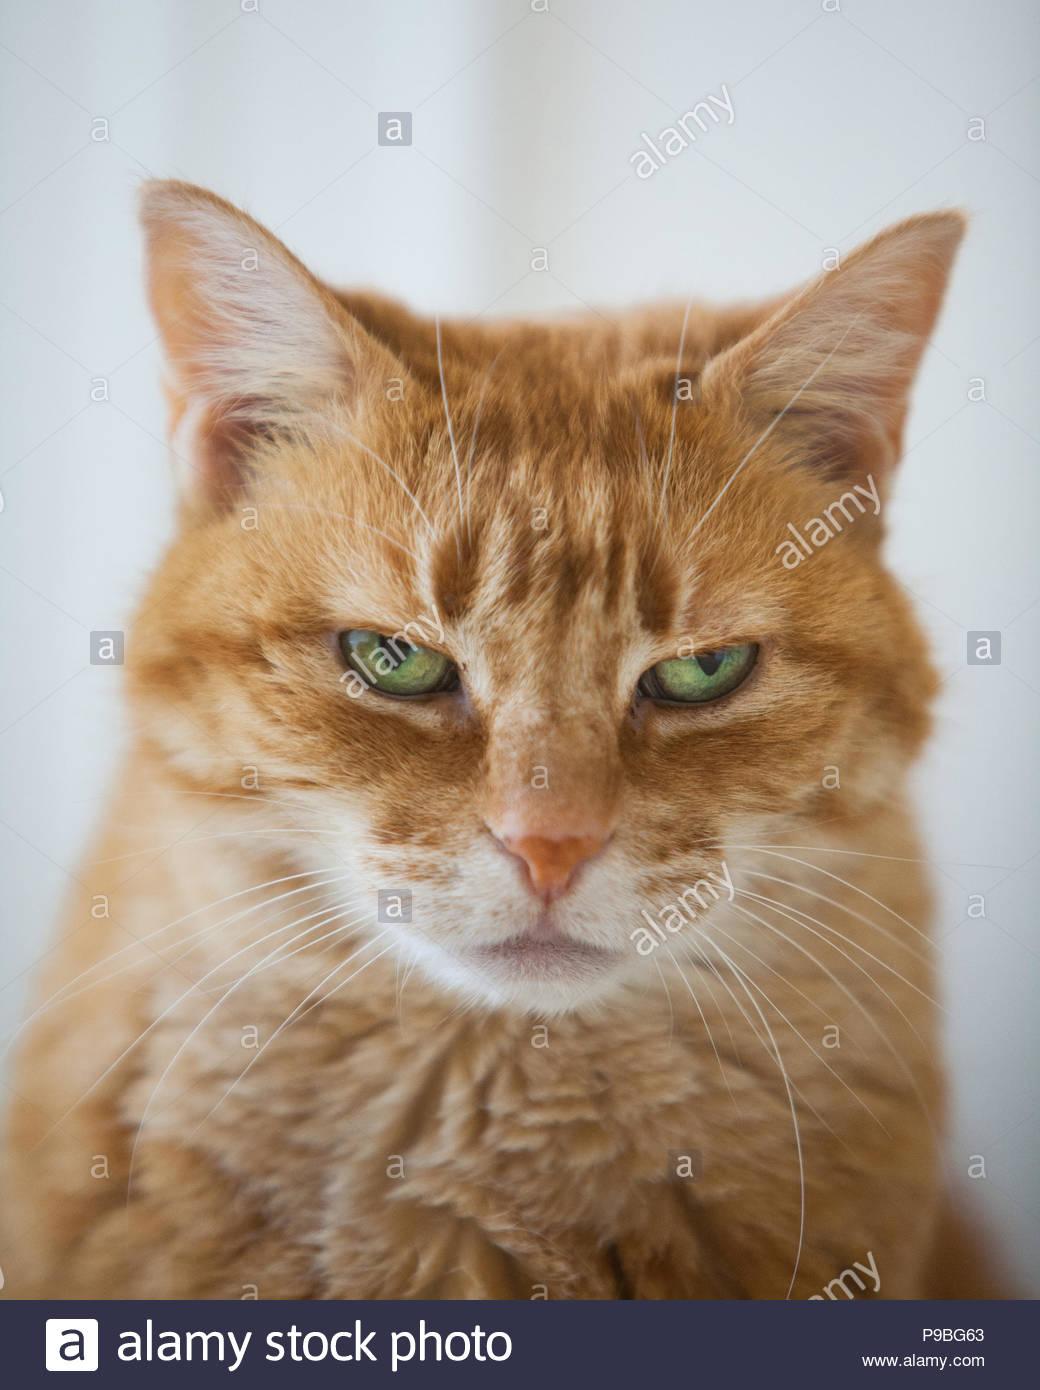 In der Nähe von grumpy Suche orange tabby Katze mit grünen Augen mit Augen halb geschlossen Stockbild